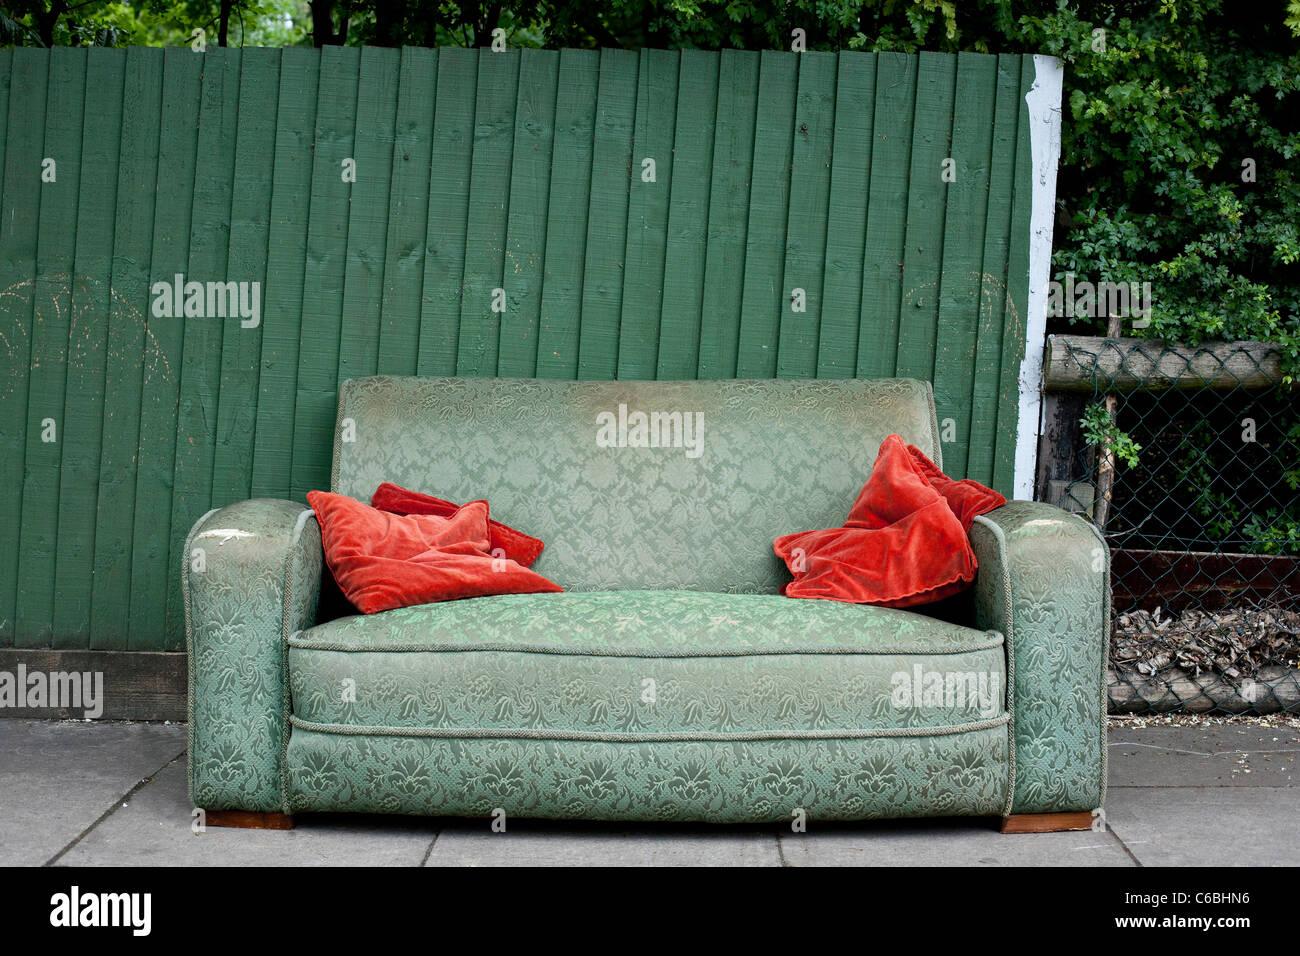 Canapé abandonné sur une rue Photo Stock